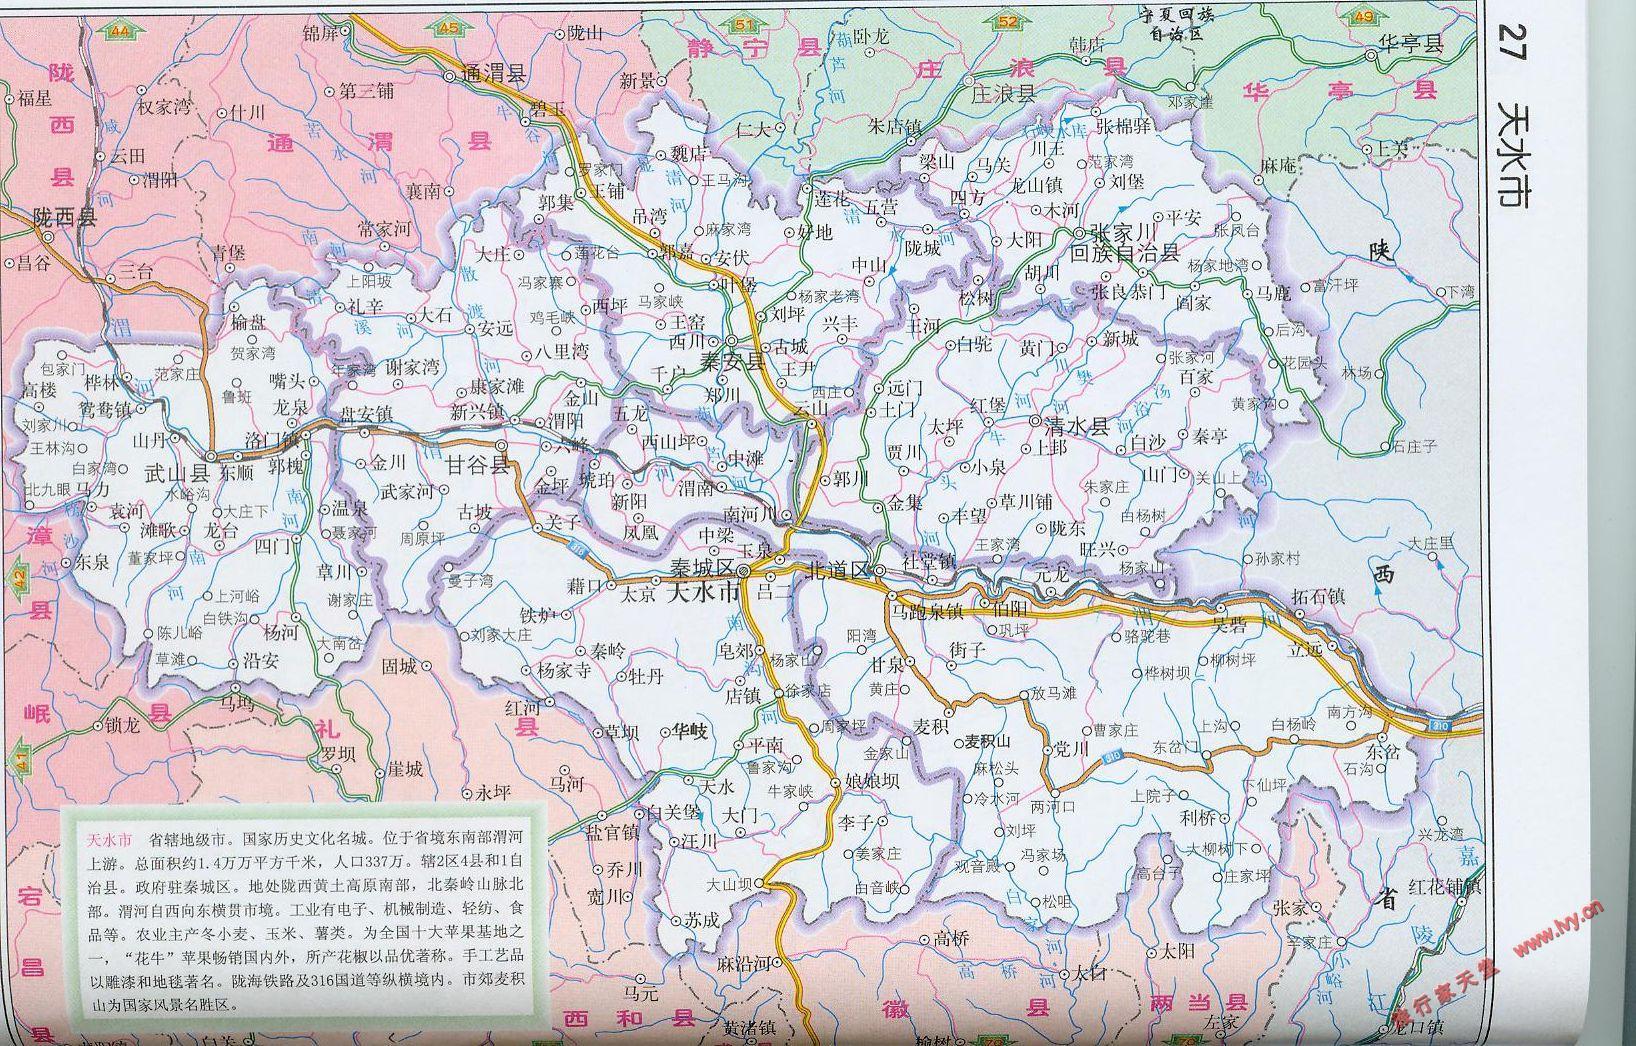 天水市区划交通地图